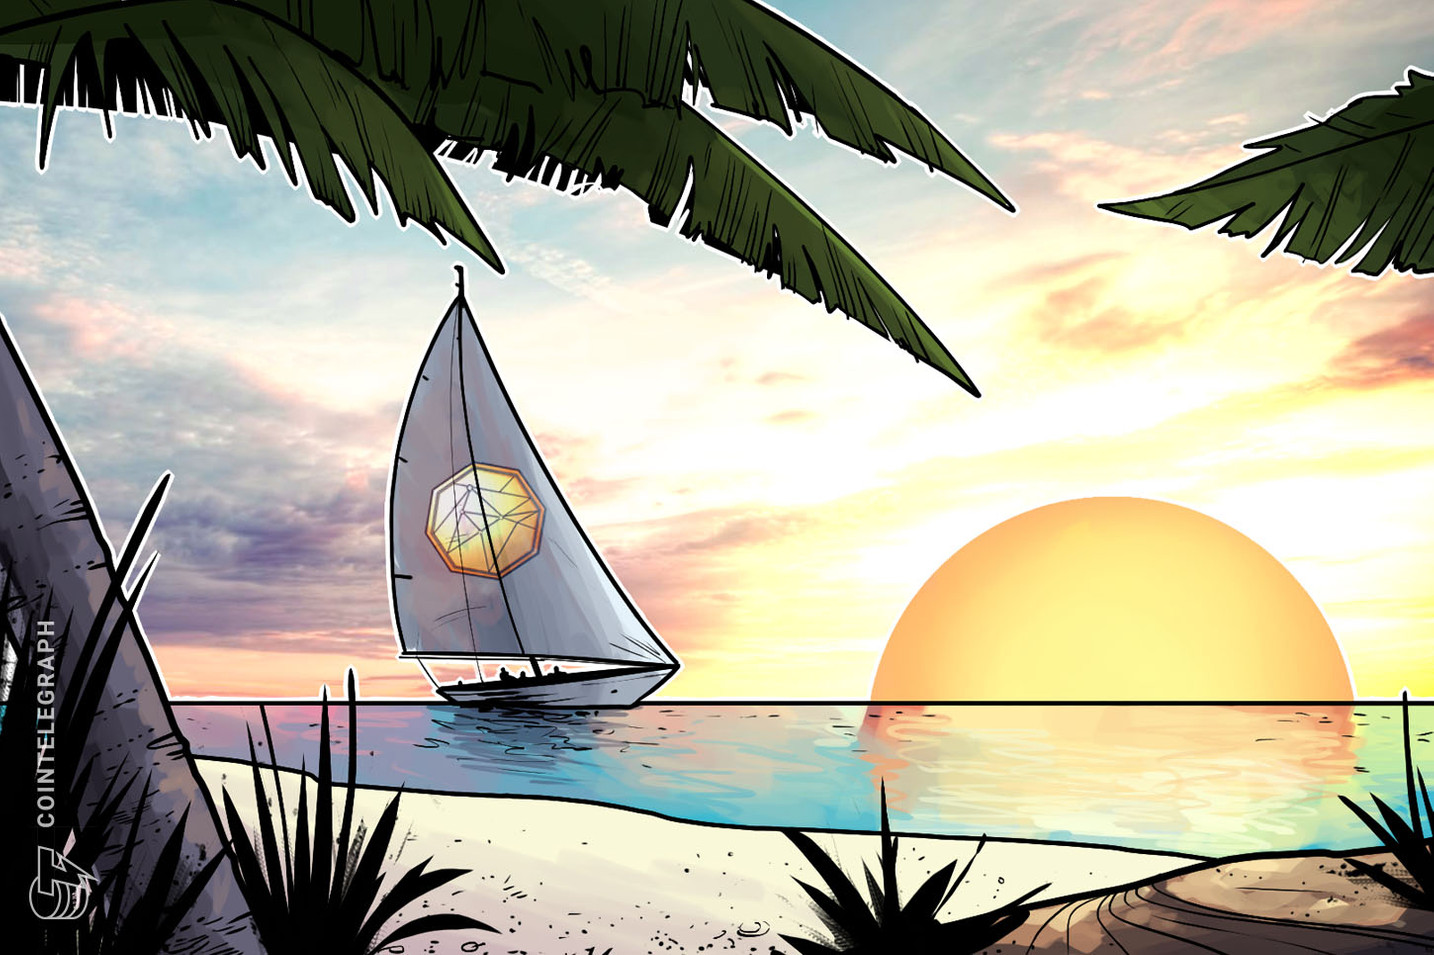 Desarrolladores detrás de la criptomoneda nacional de las Islas Marshall confirman planes de lanzamiento este año